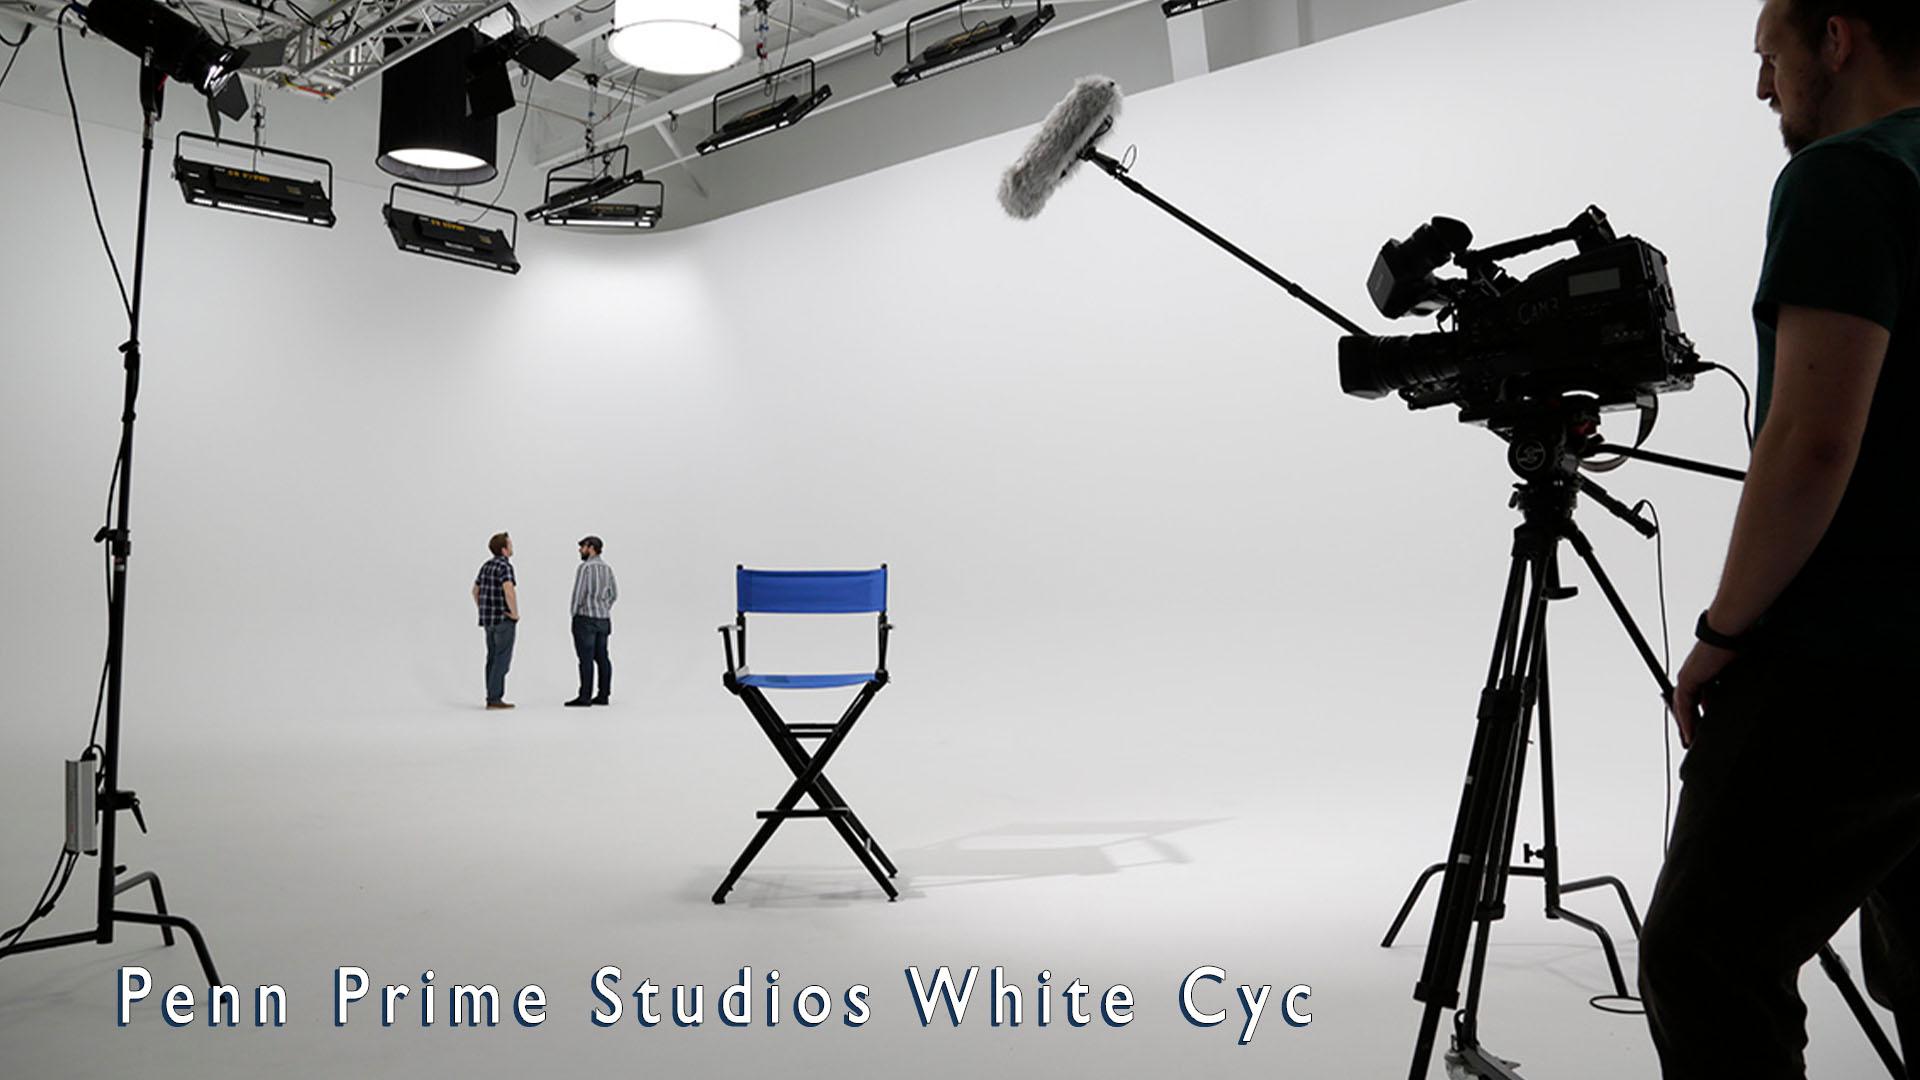 Penn Prime Studio White Cyc